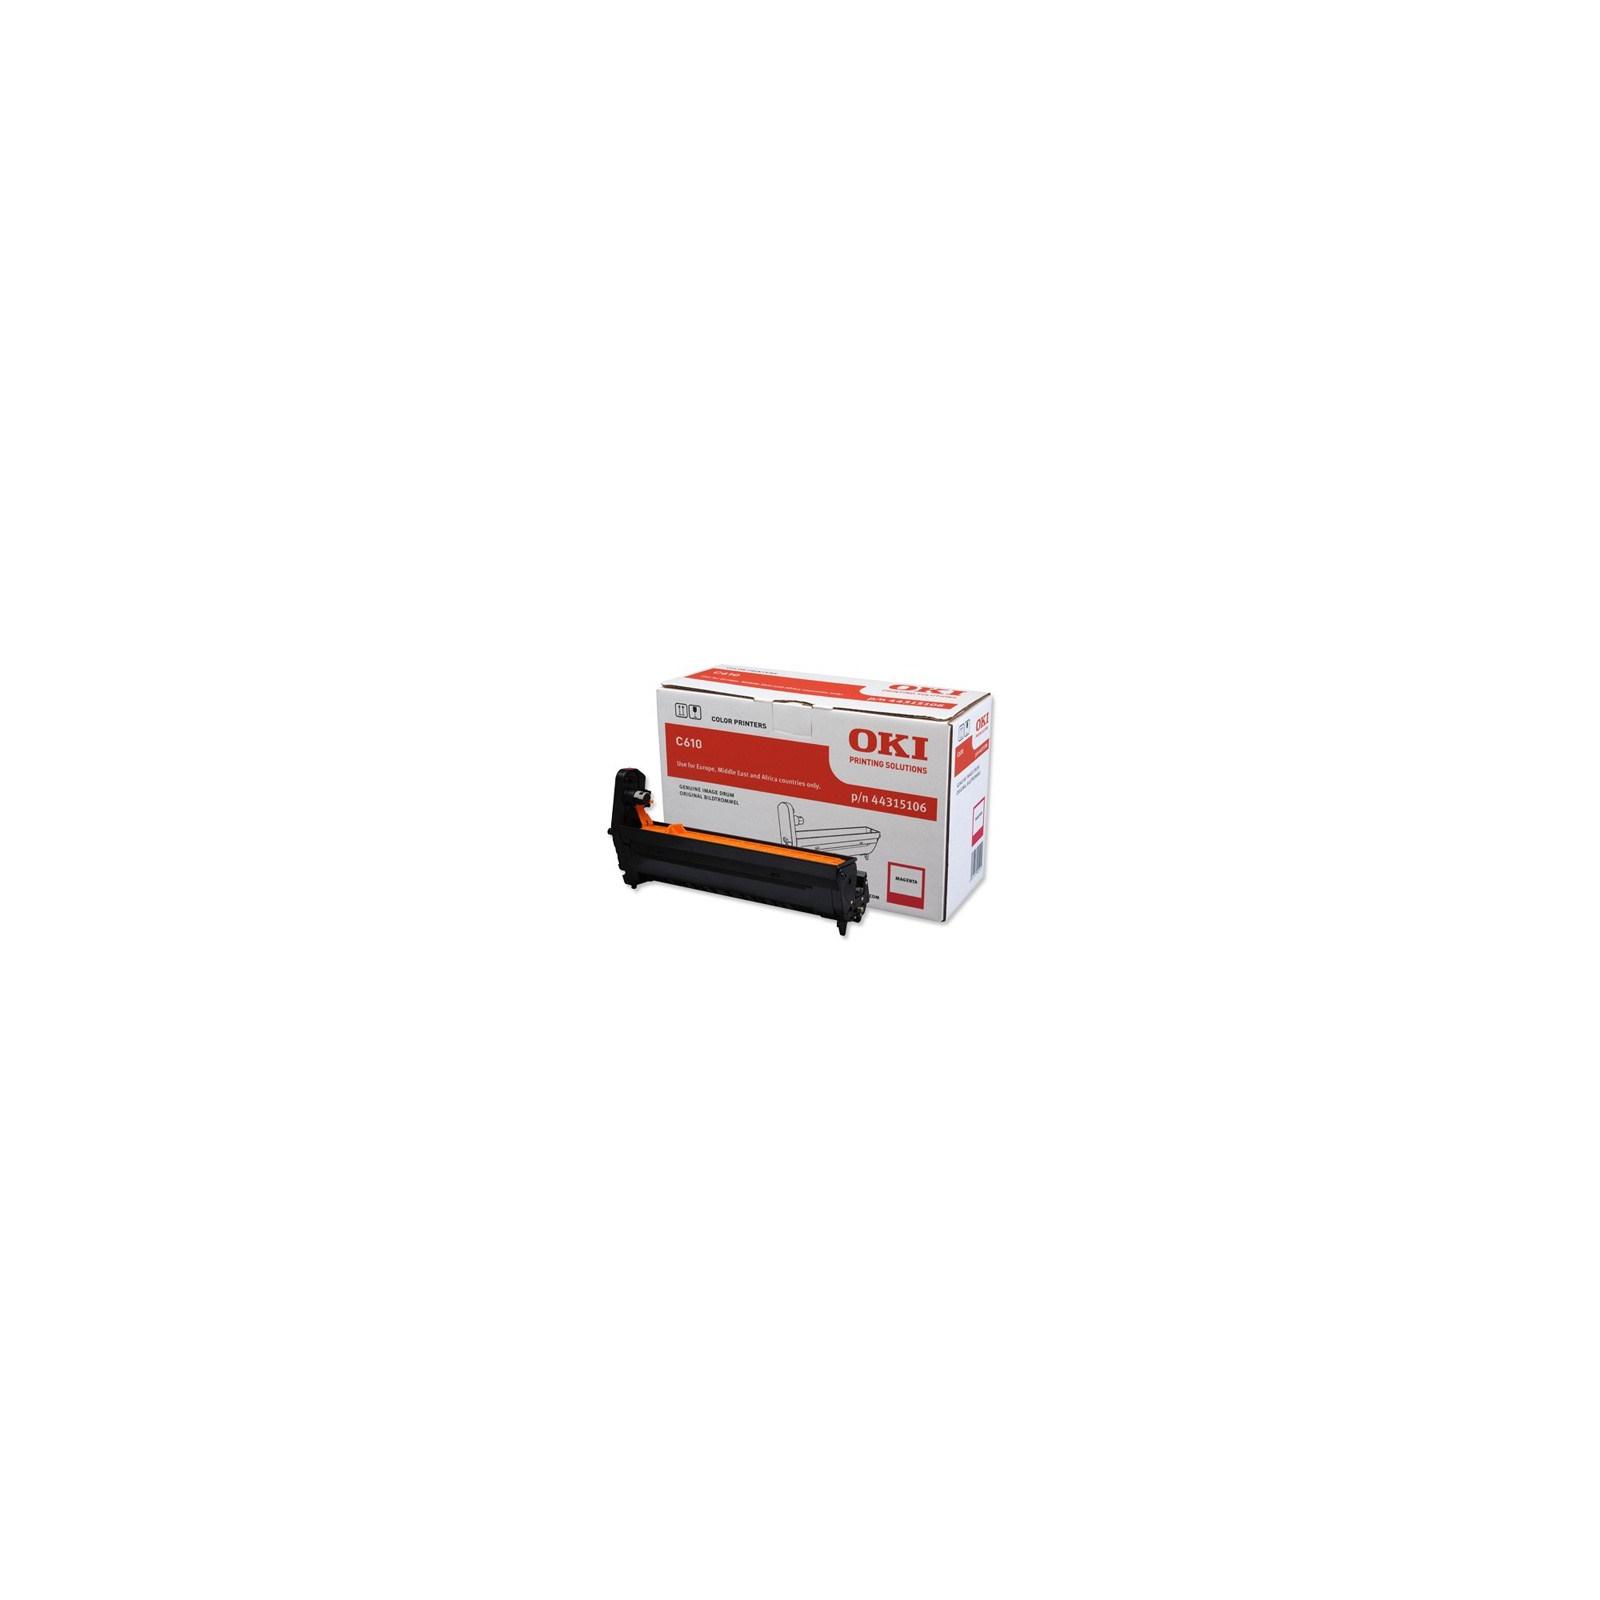 Фотокондуктор OKI C610 Magenta (44315106)